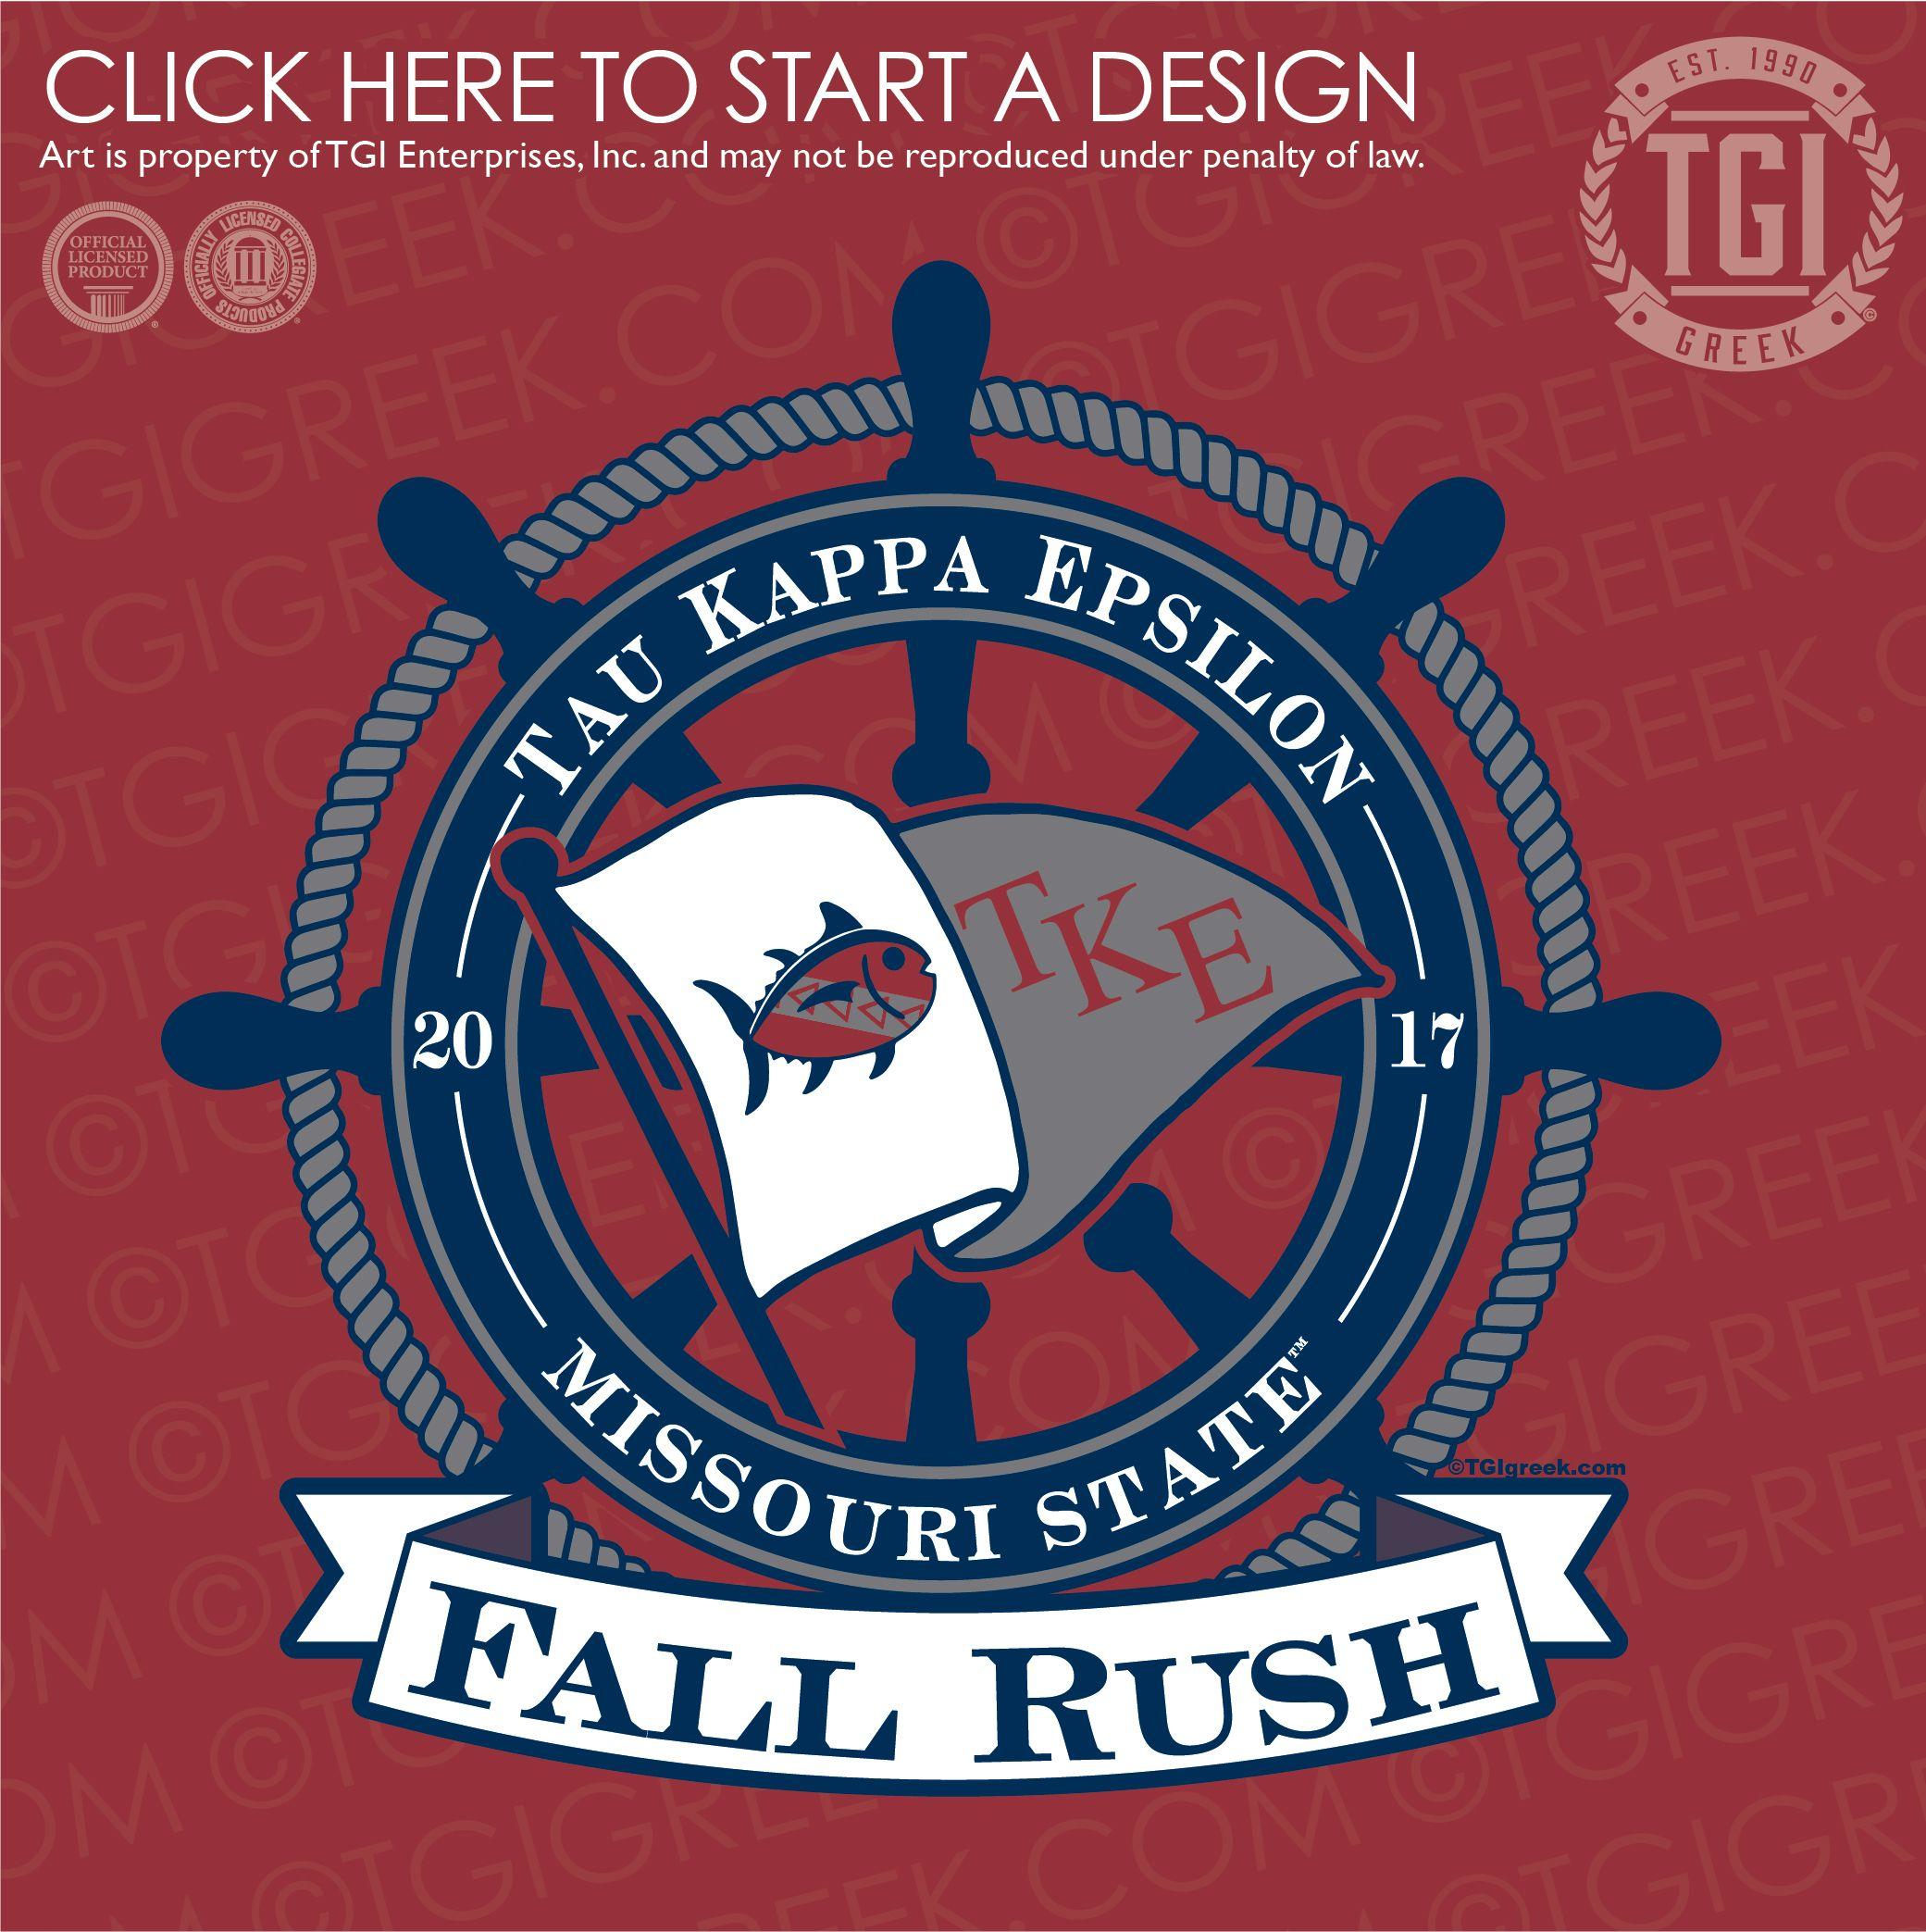 Tau Kappa Epsilon Tke Teke Fall Rush Fraternity Rush Rush